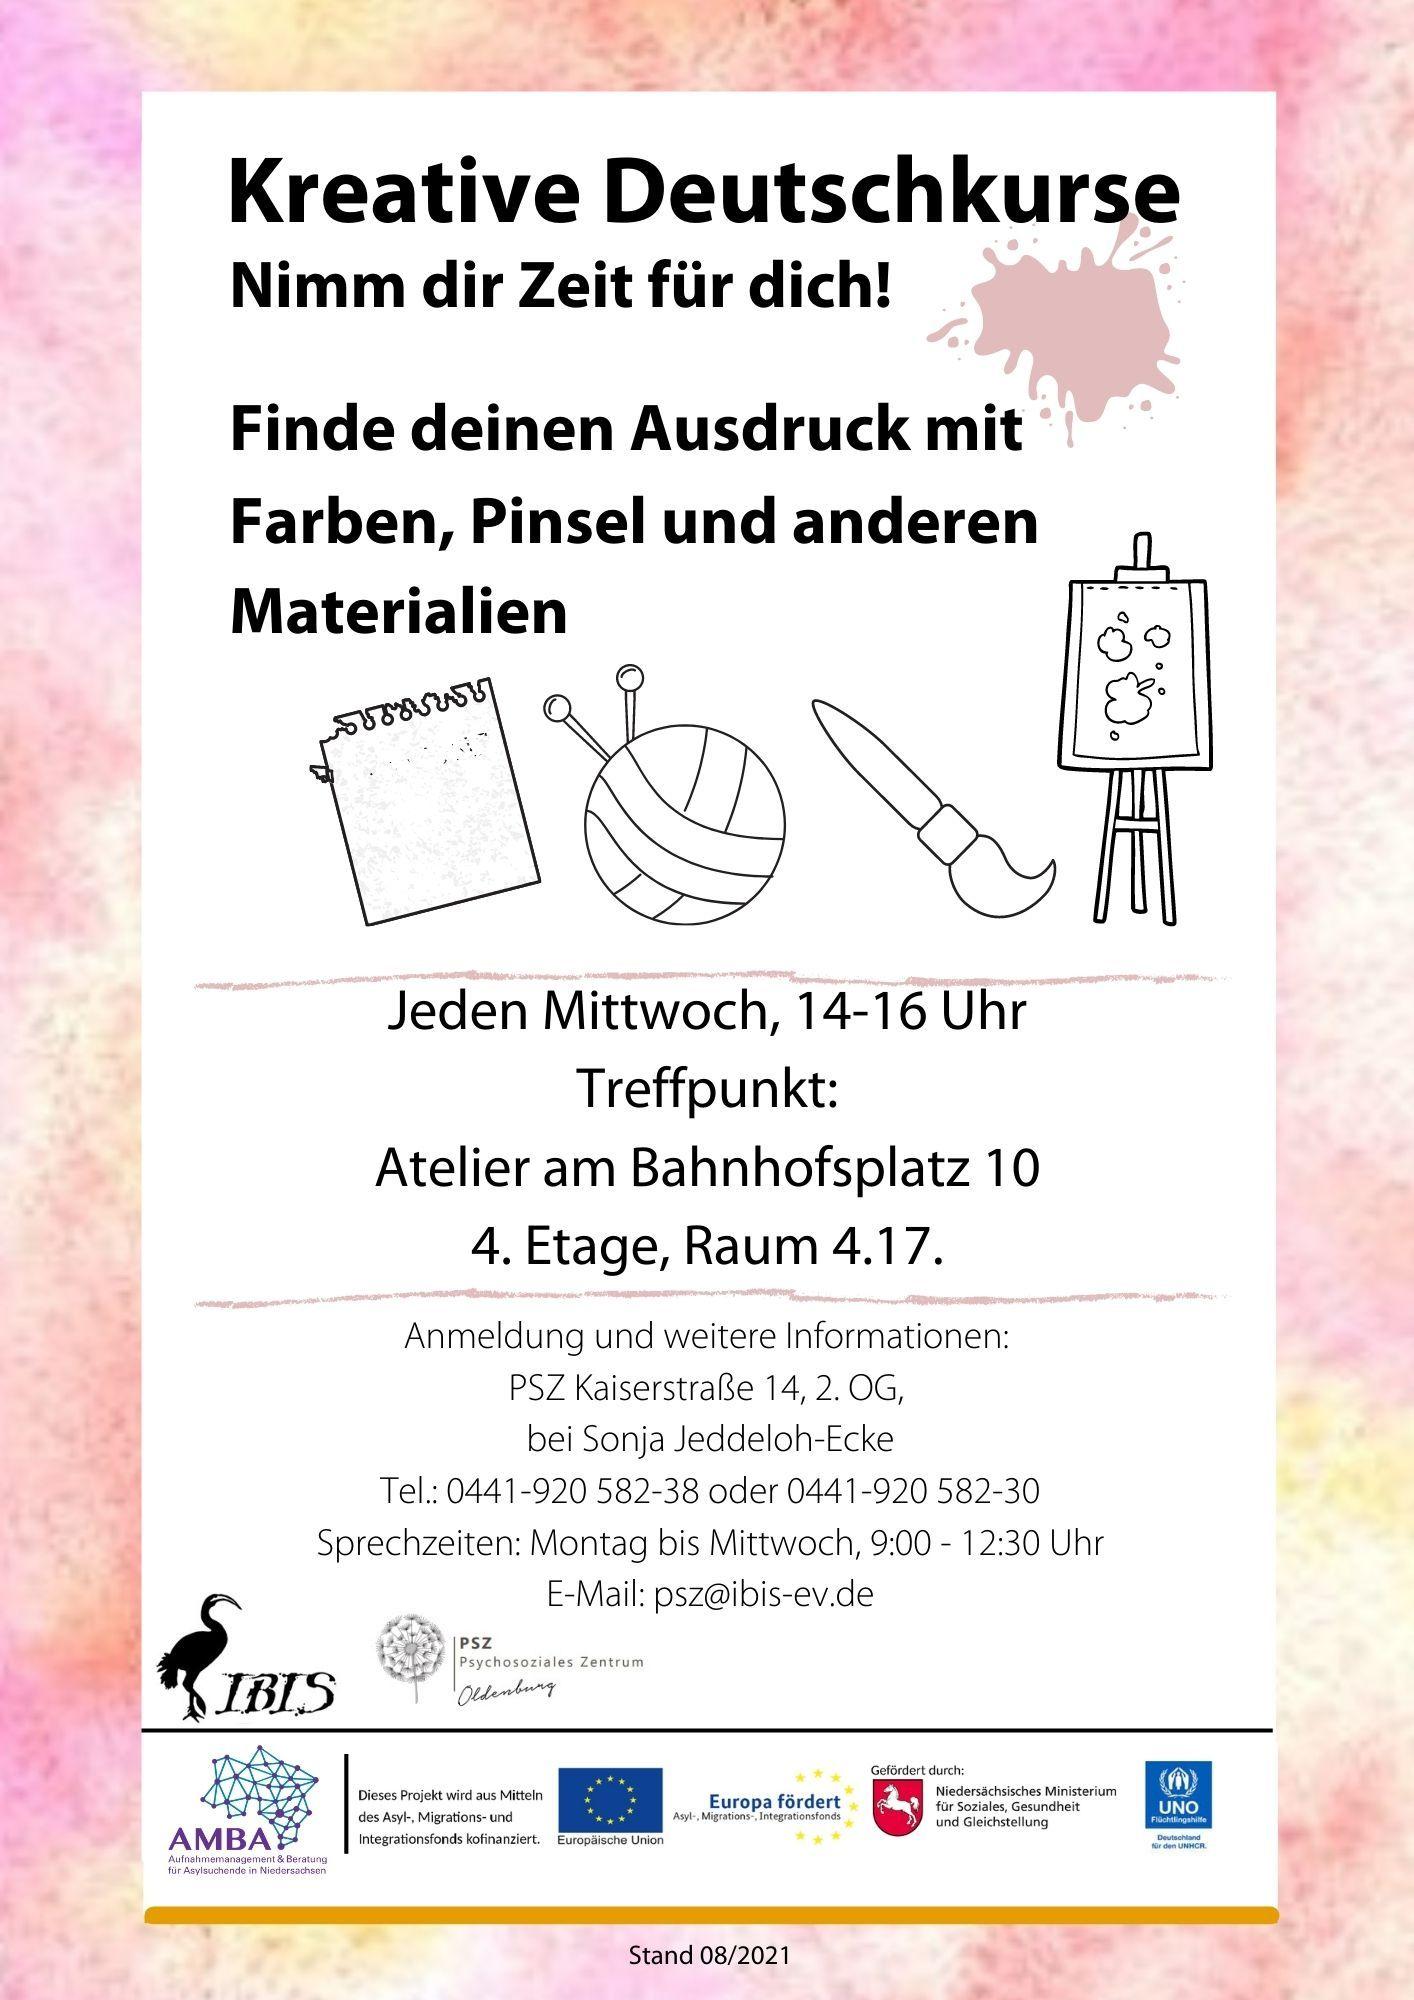 Kreative Deutschkurse